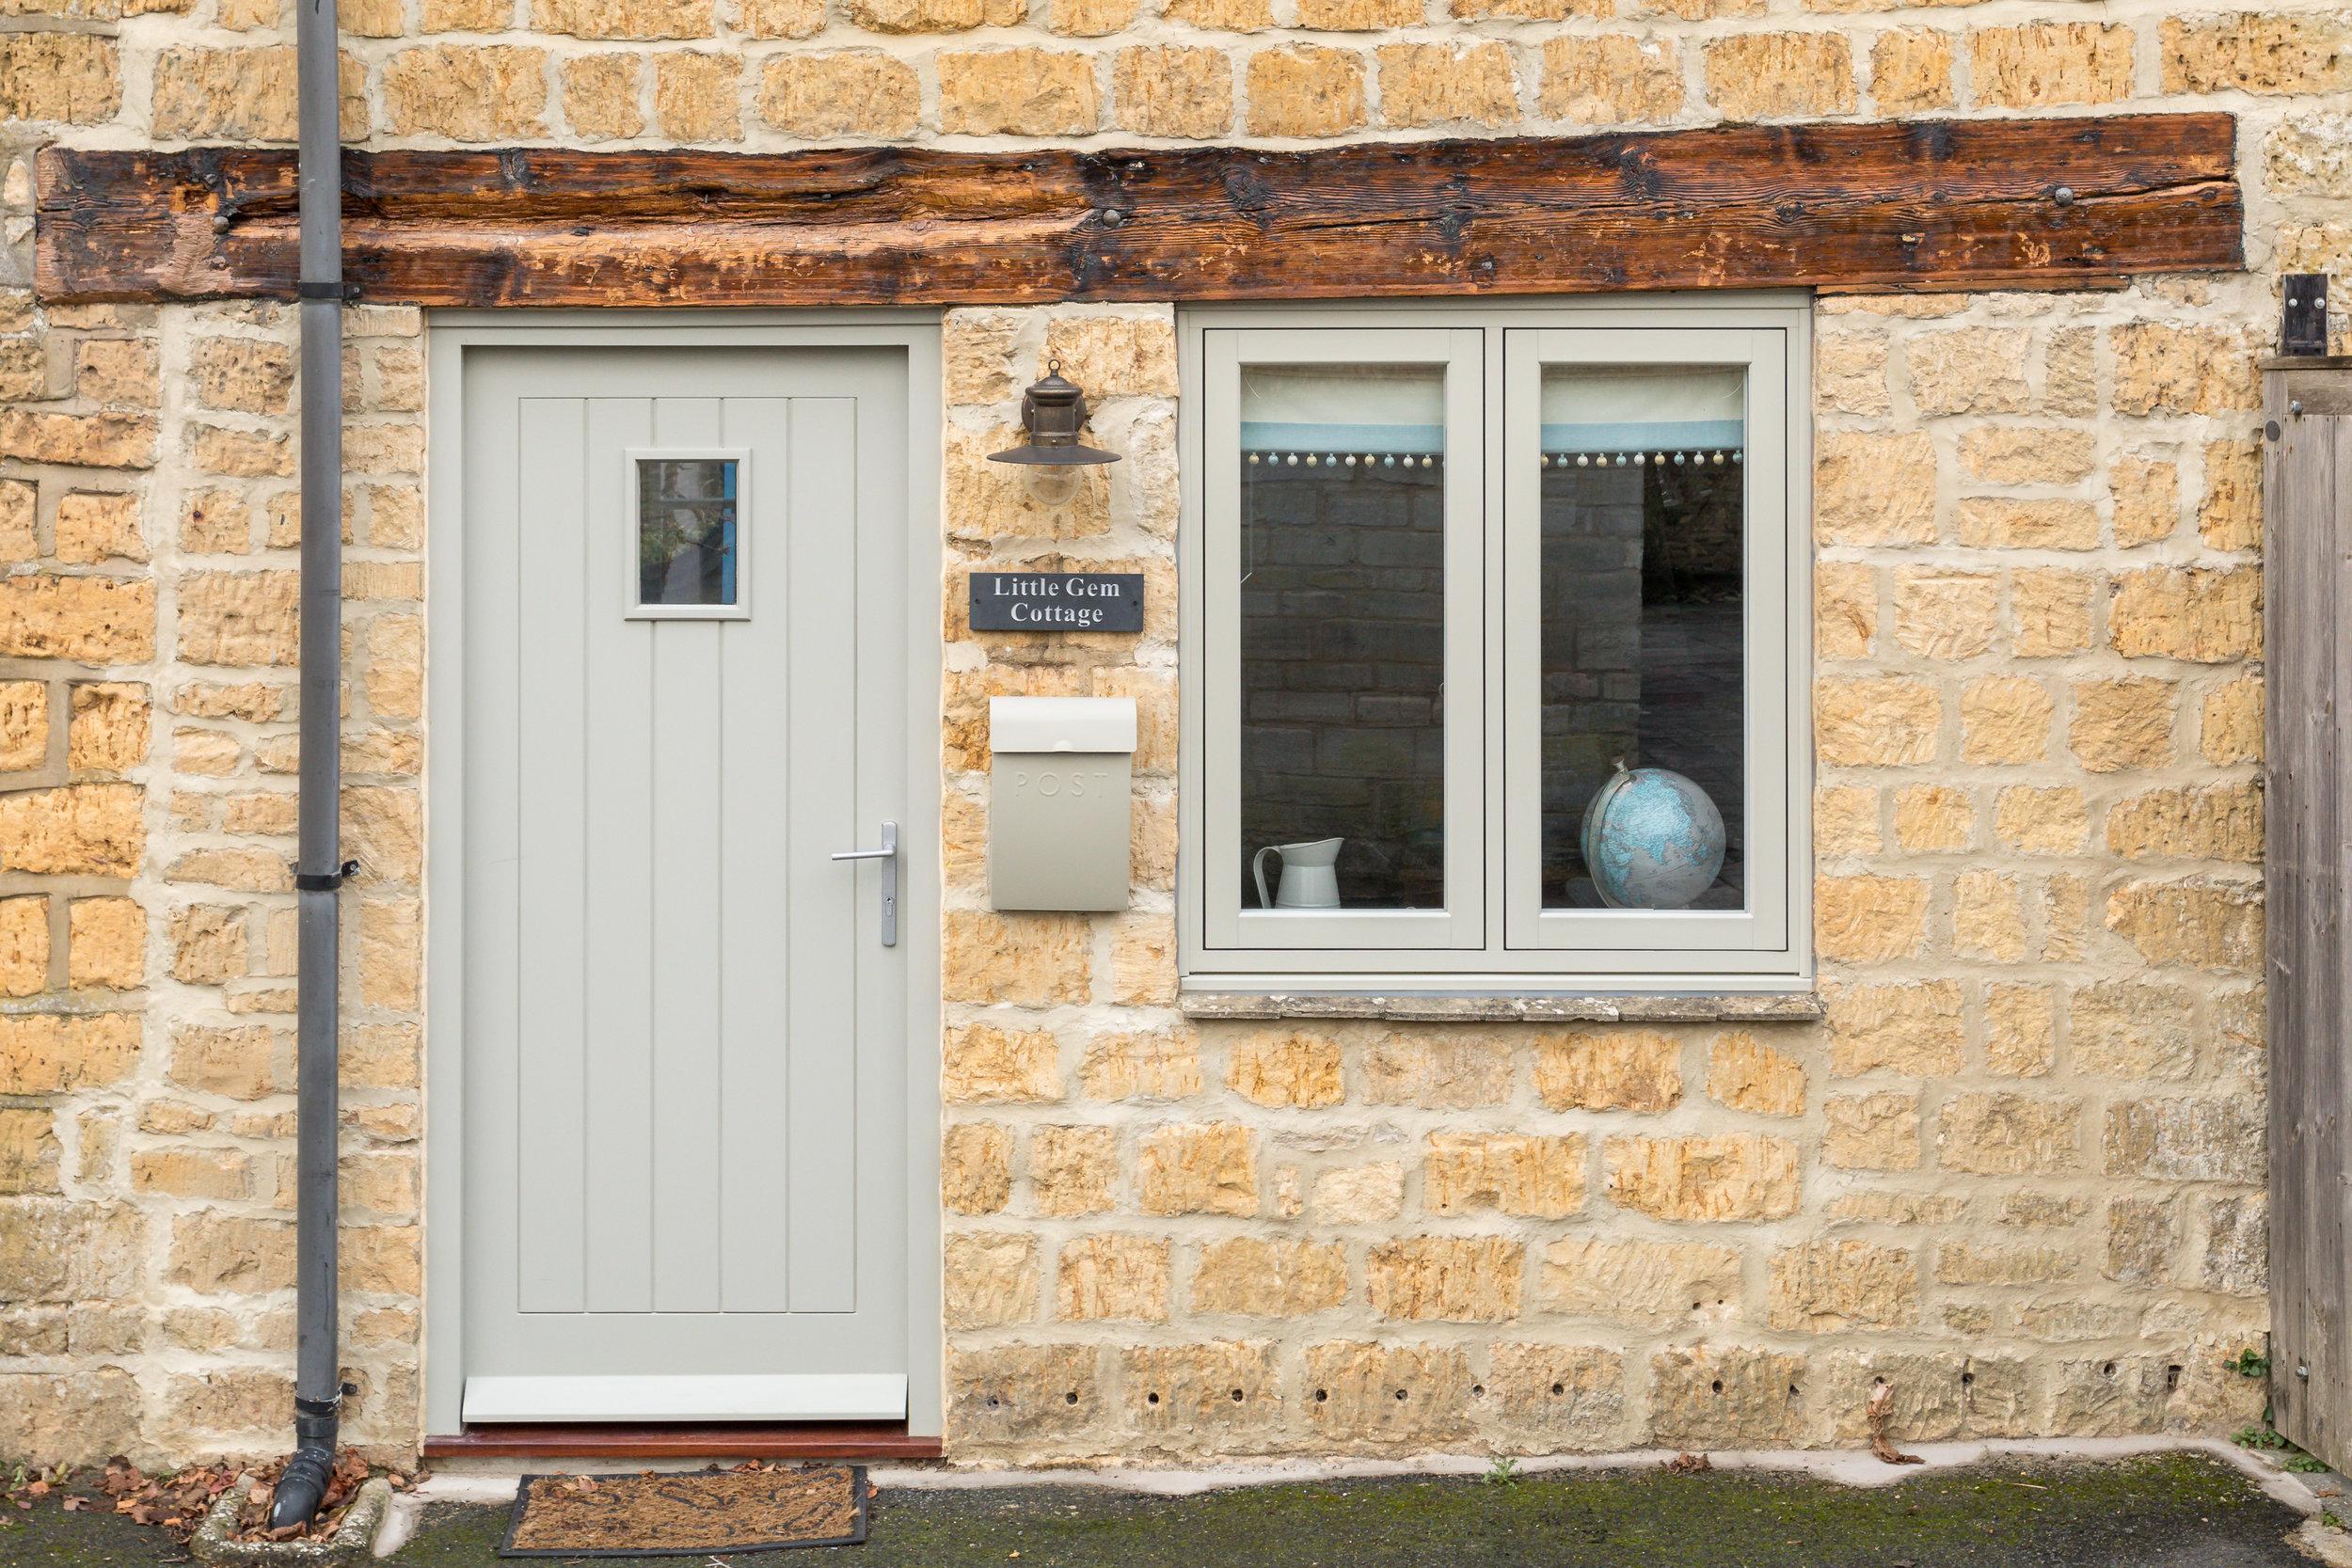 2 - Little Gem Cottage - Bourton-on-the-Water - v2 - Full.jpg